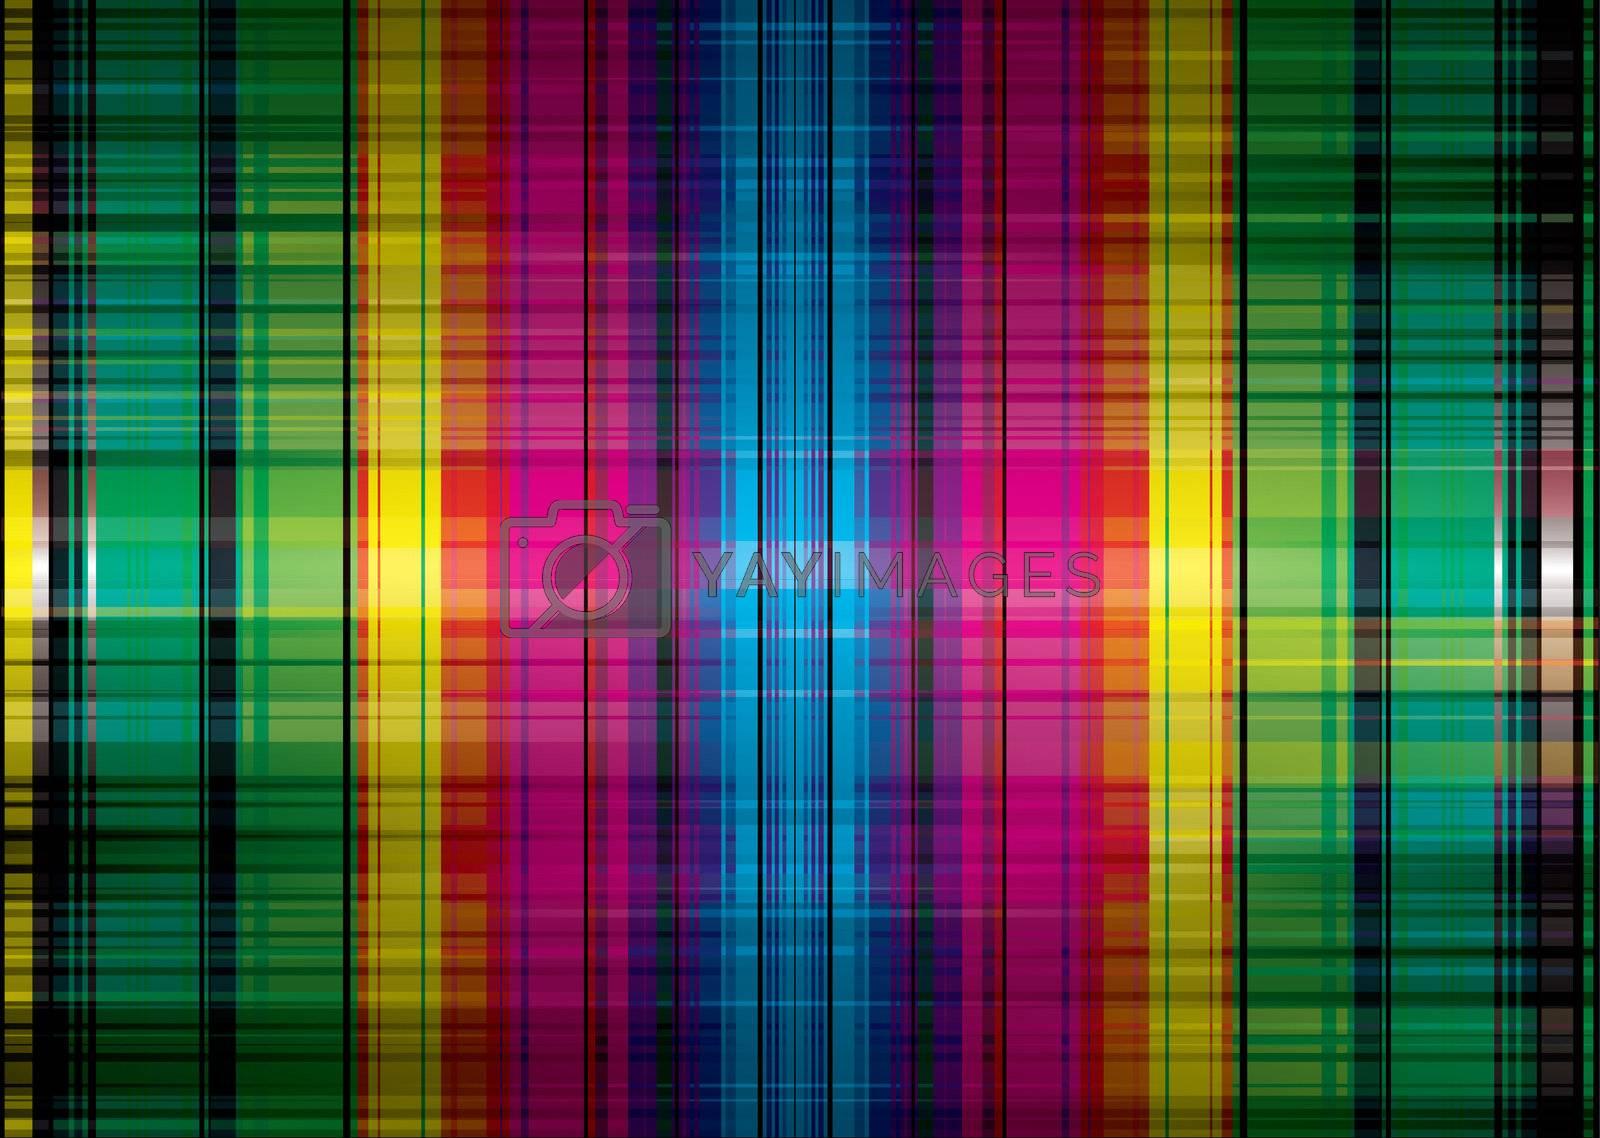 Royalty free image of rainbow band grunge background by nicemonkey